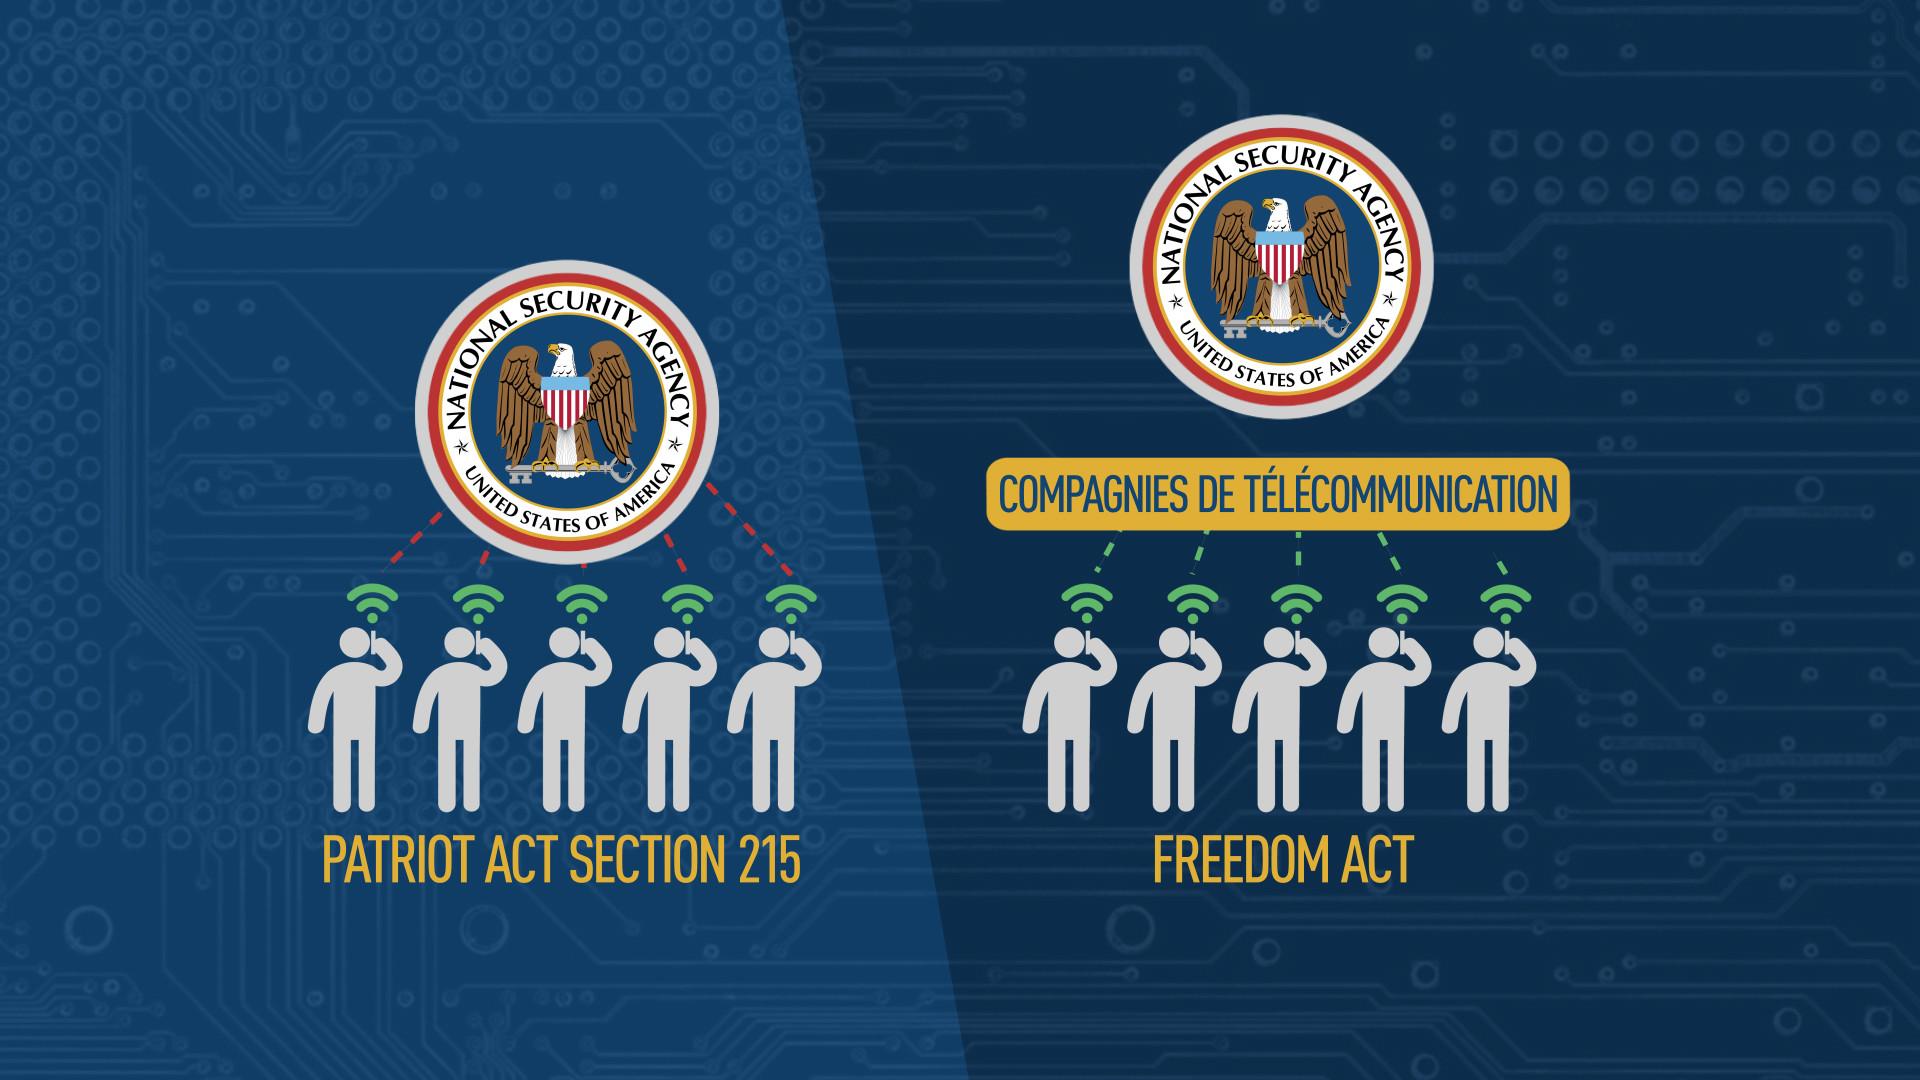 Une cour d'appel américaine soutient la surveillance massive des données téléphoniques de la NSA